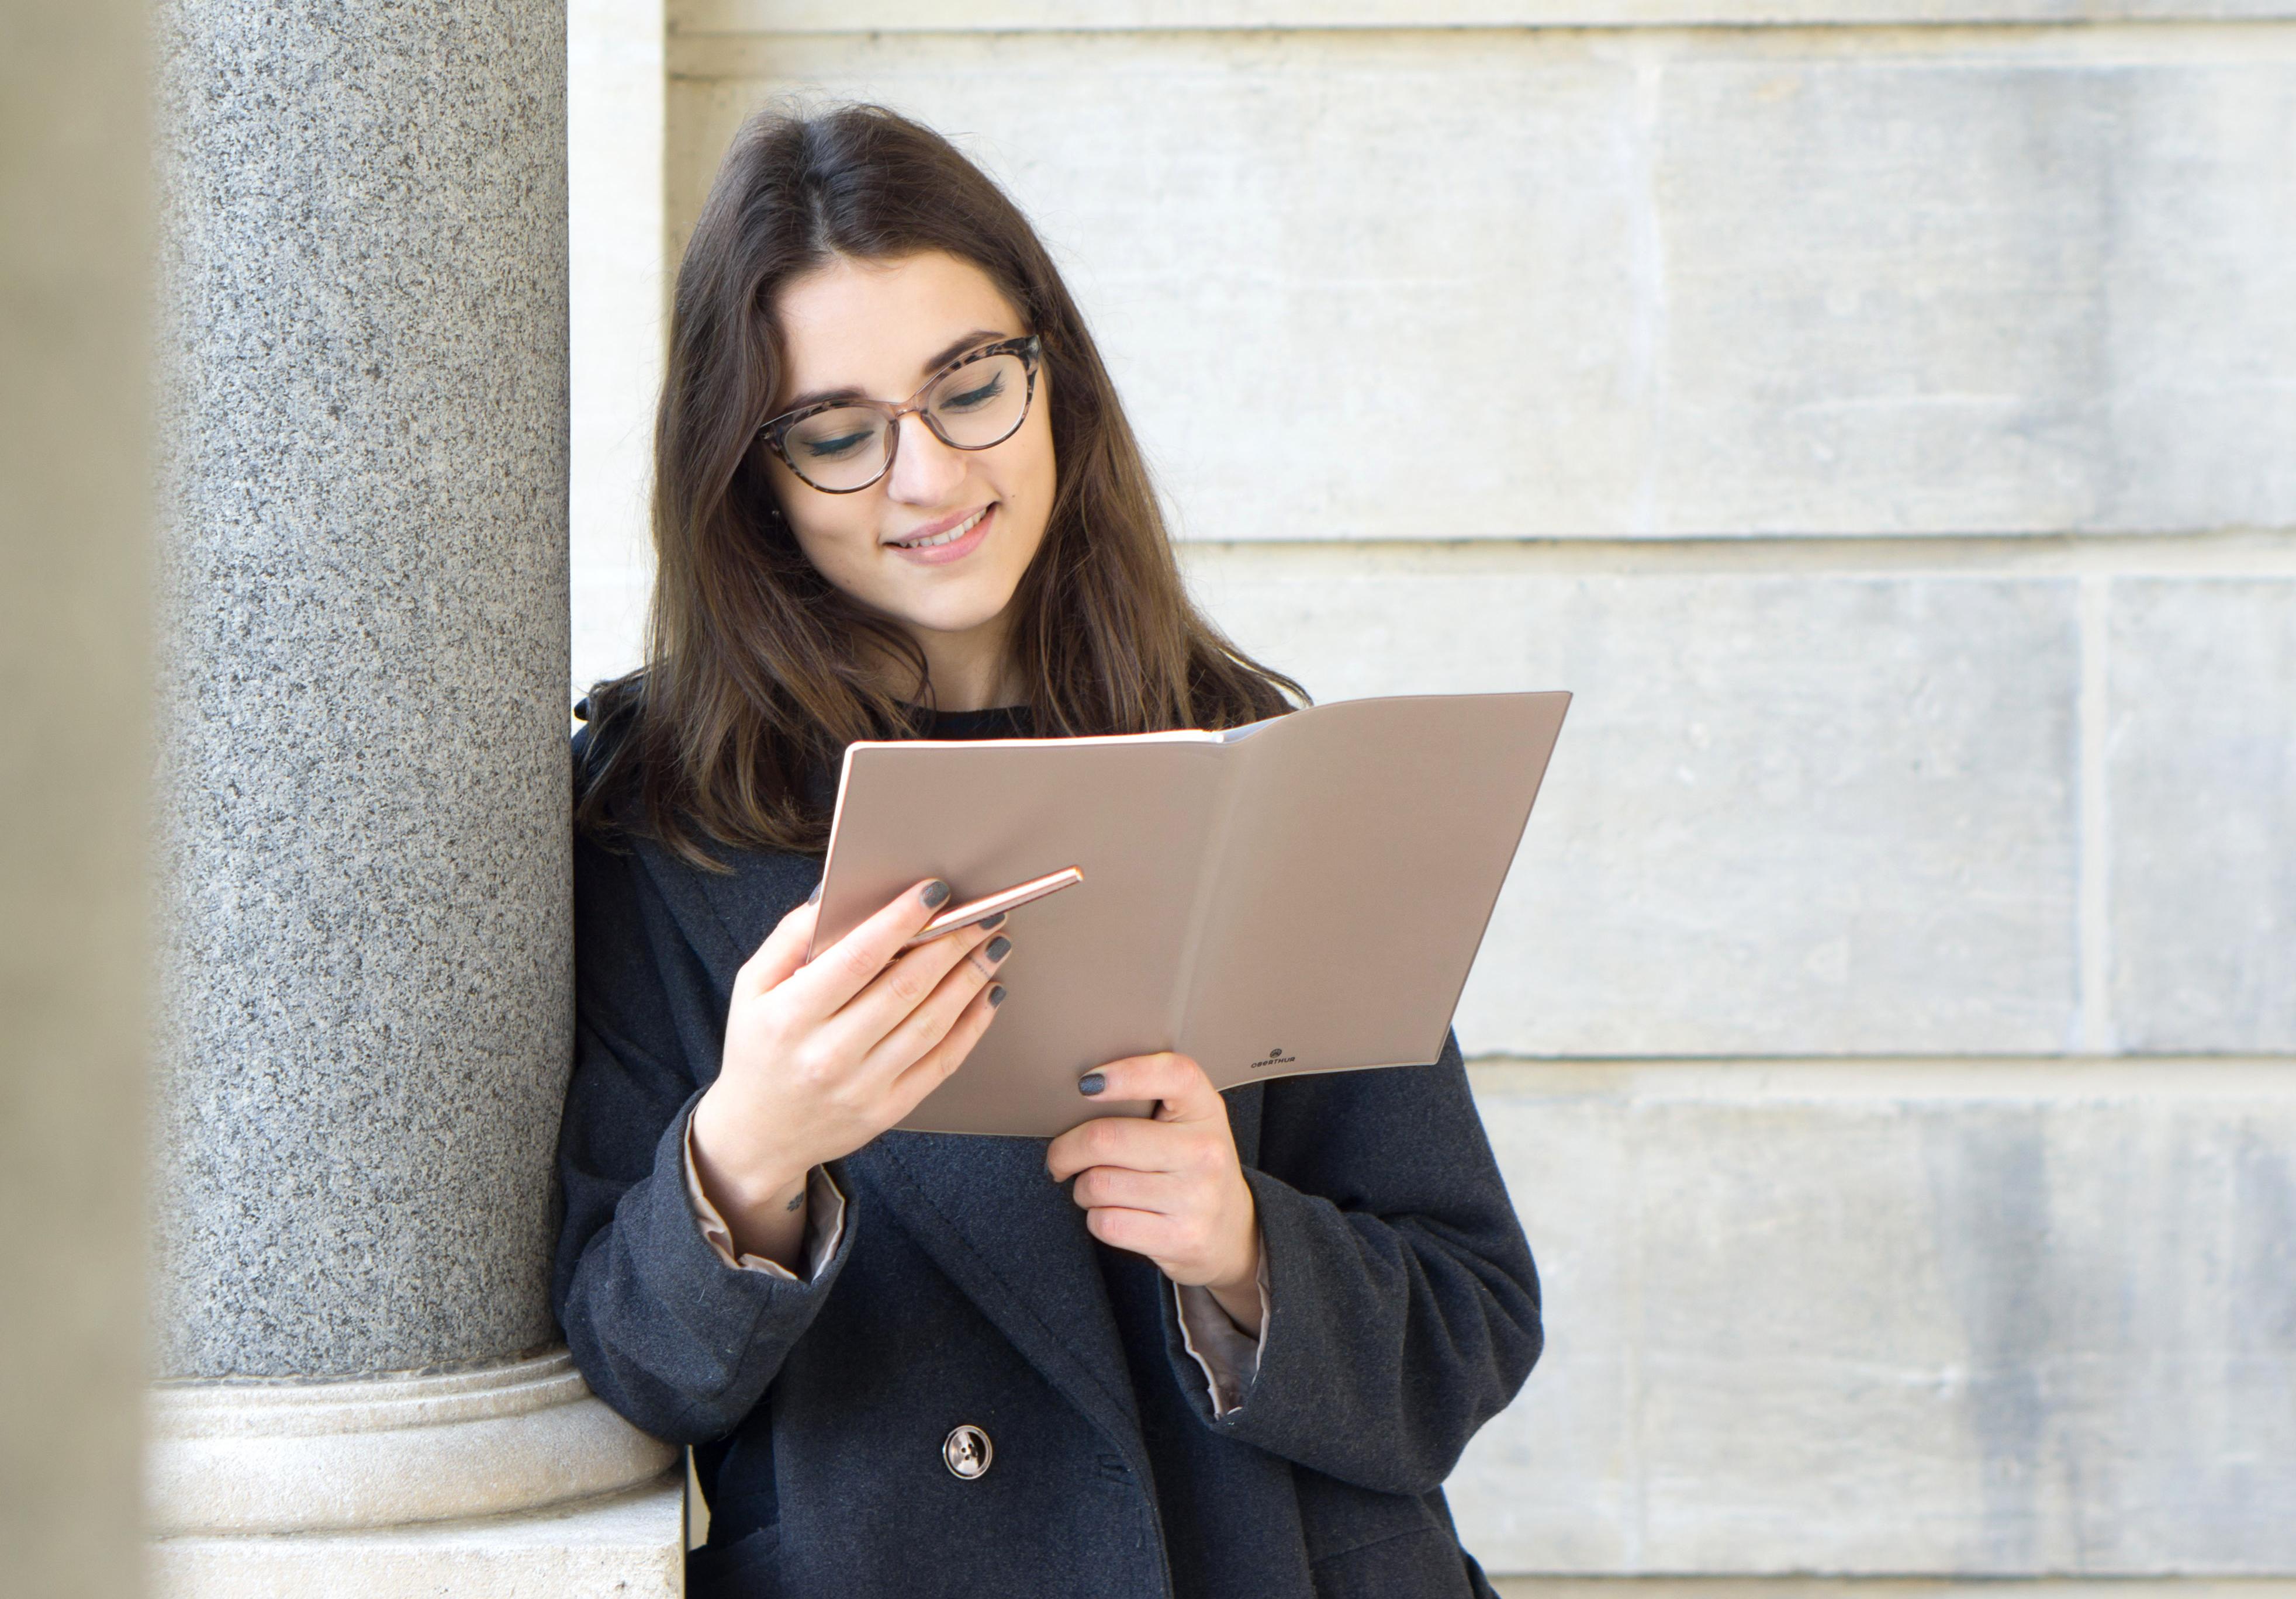 2-organisation-agenda-stylo-parcoberthur-portrait-sourire-résolutions-janvier2018-conseils-article-blog-oberthur-lifestyle-papeterie-rennes